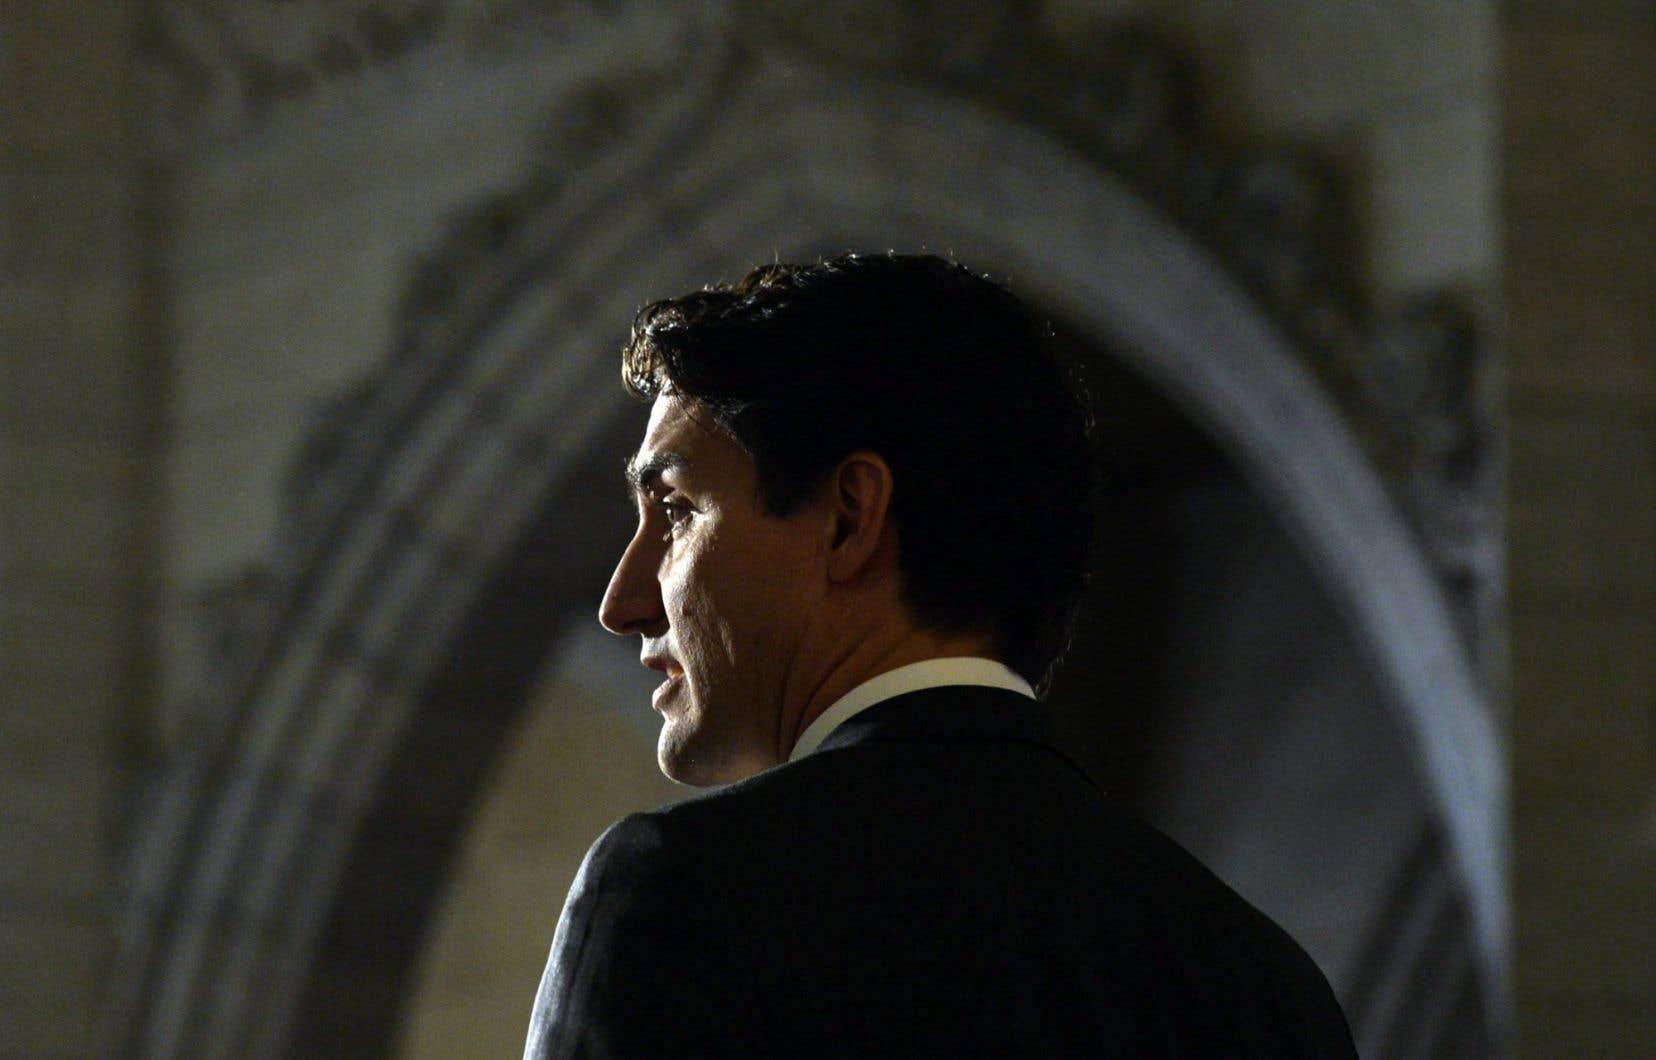 Le premier ministre Trudeau s'est engagé à déposer une nouvelle version du projet de loi C-452, sans éléments anticonstitutionnels cette fois.